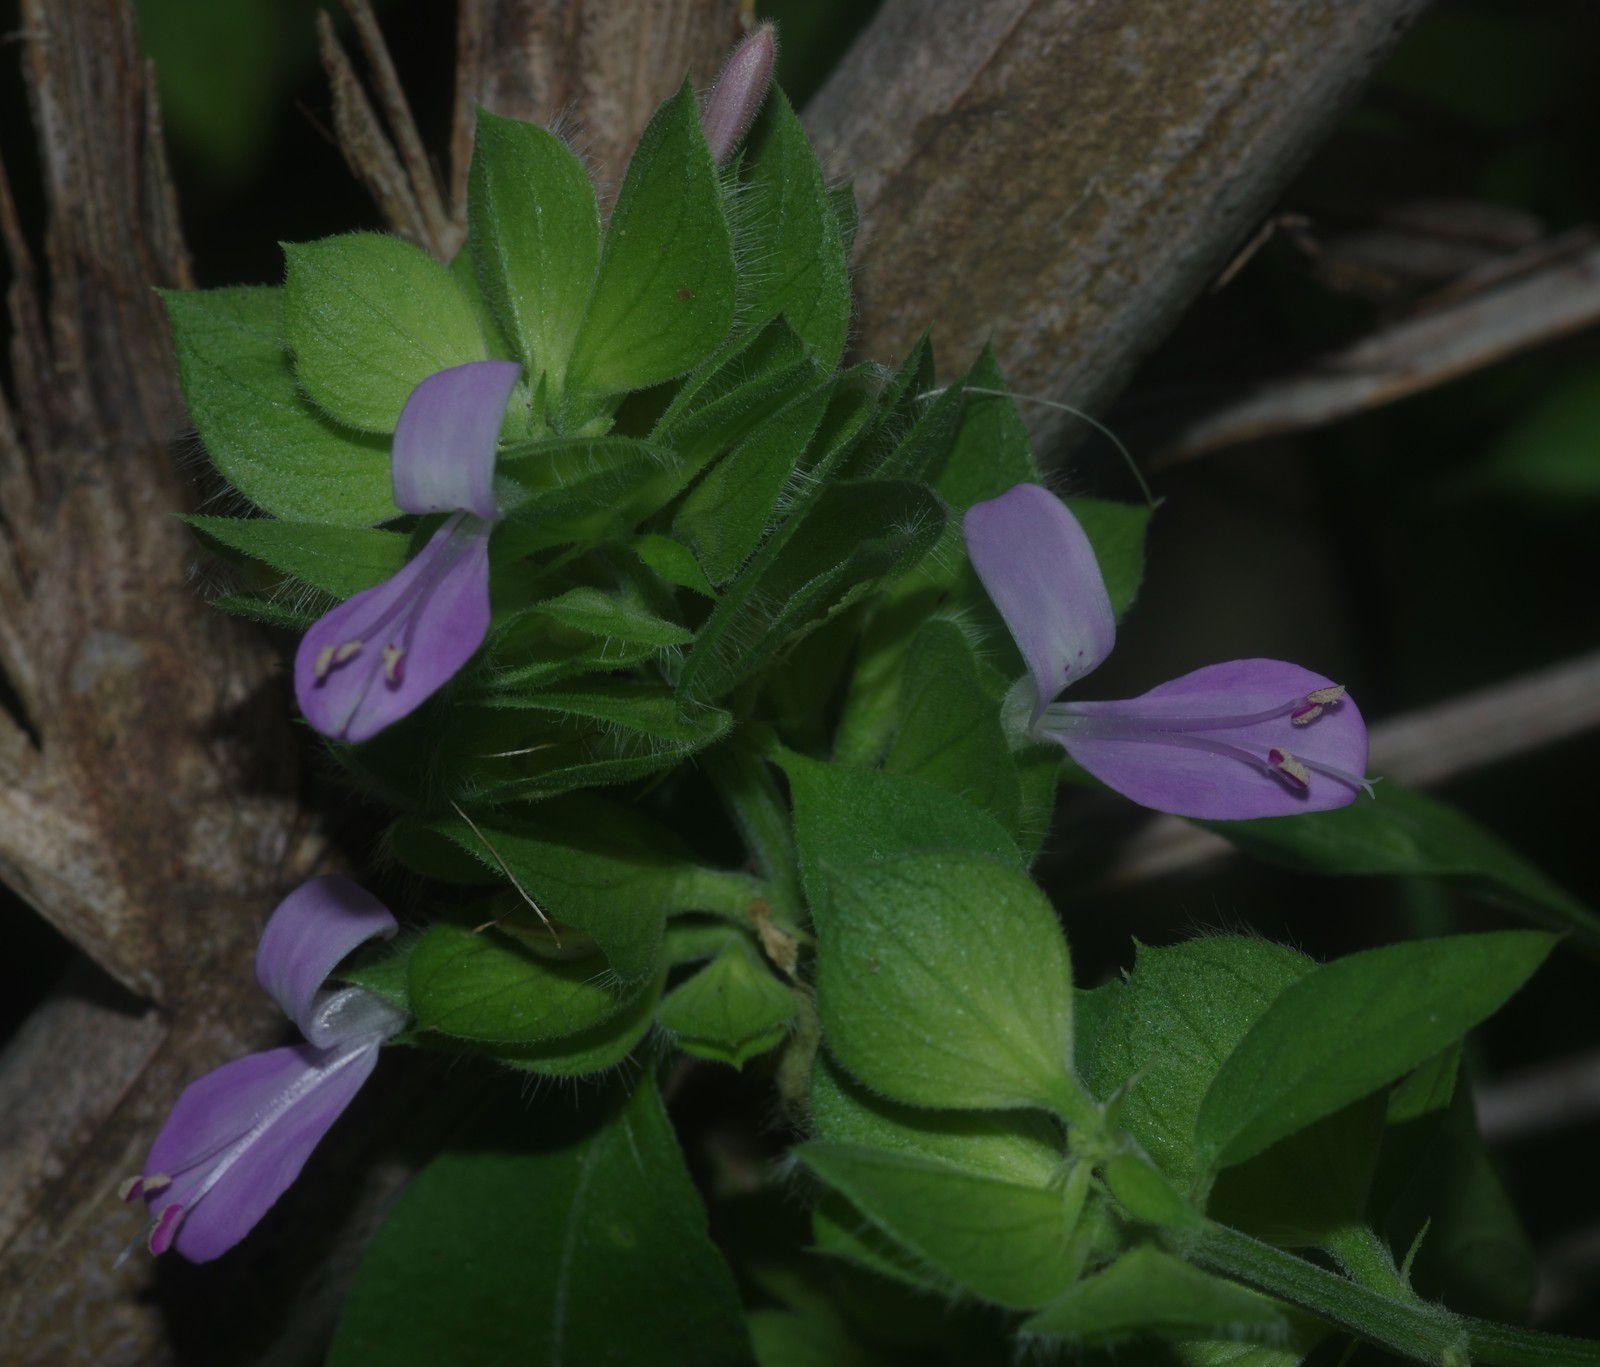 Dicliptera ciliaris